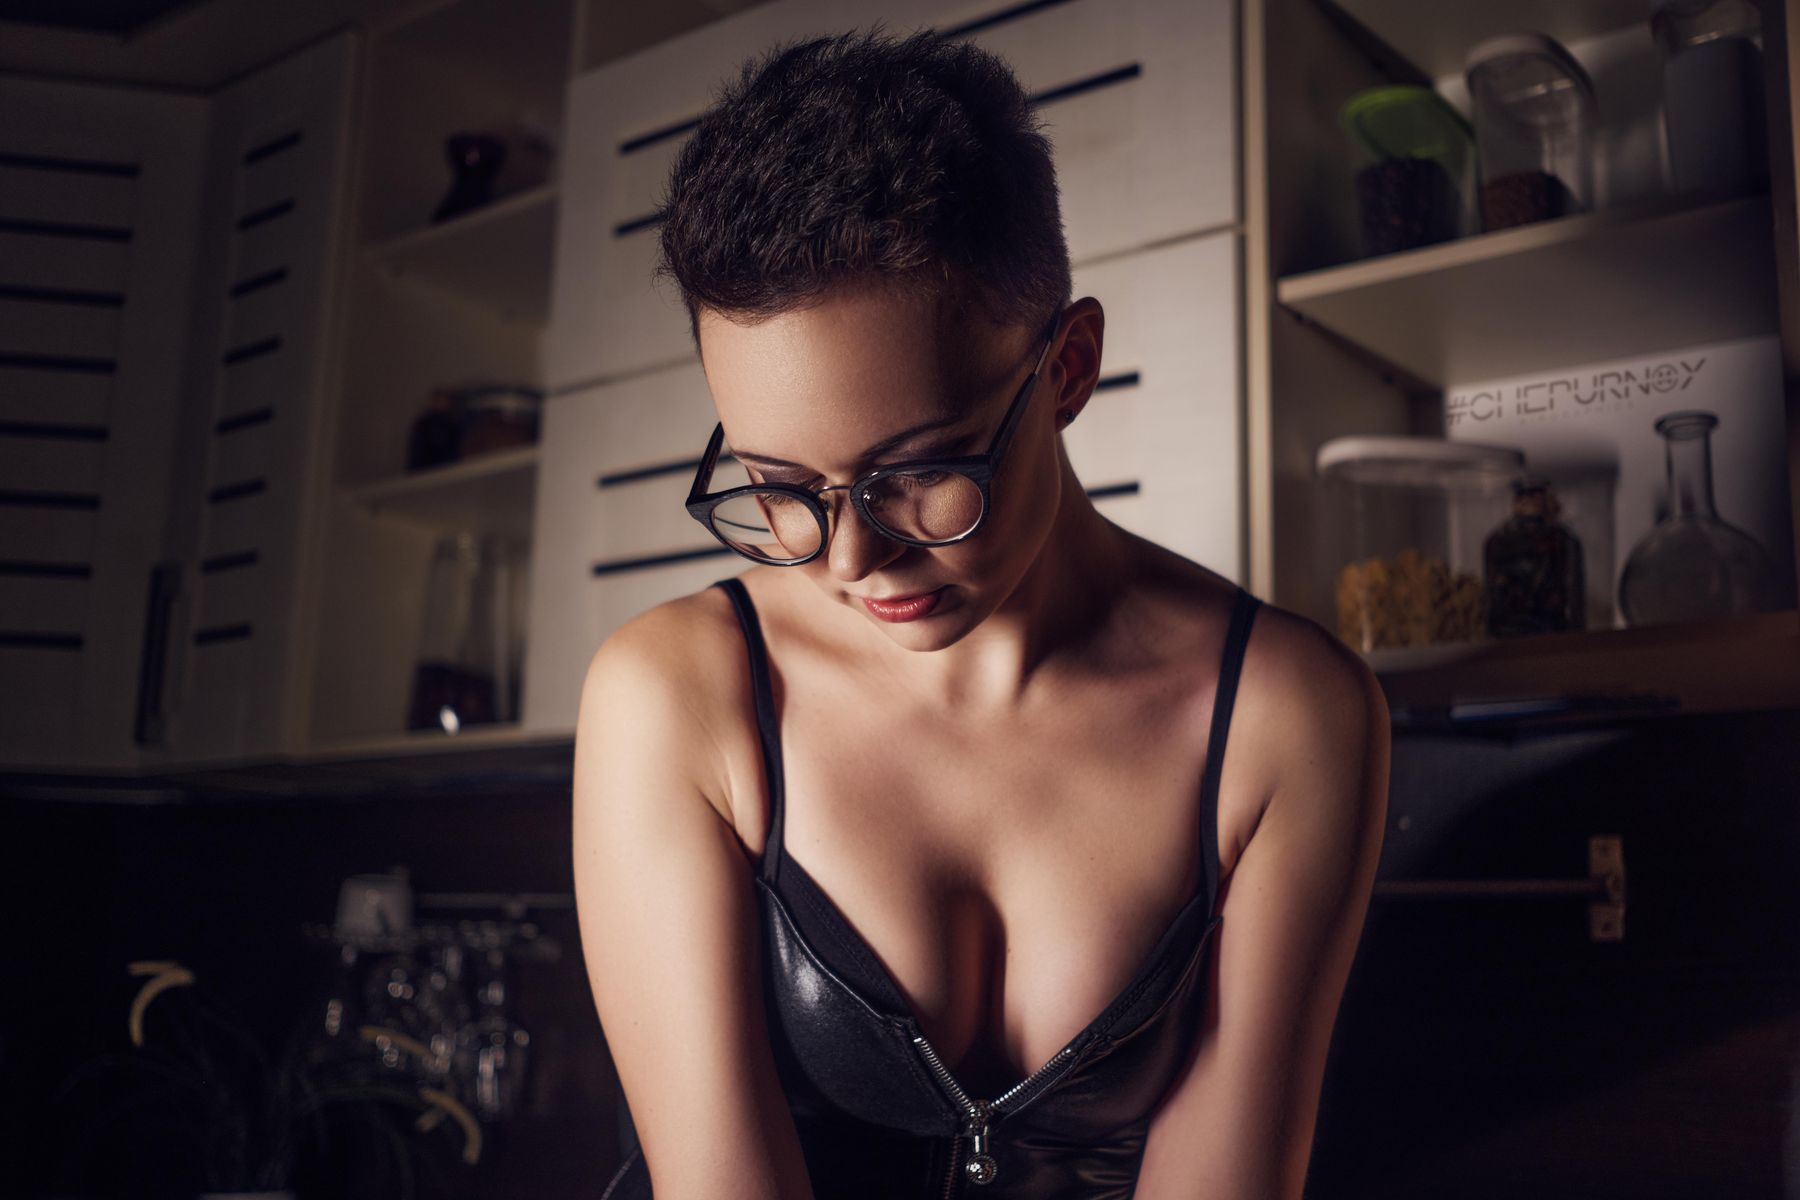 J U L I A girl girls woman portrait lingerie photoportrait девушки красивая